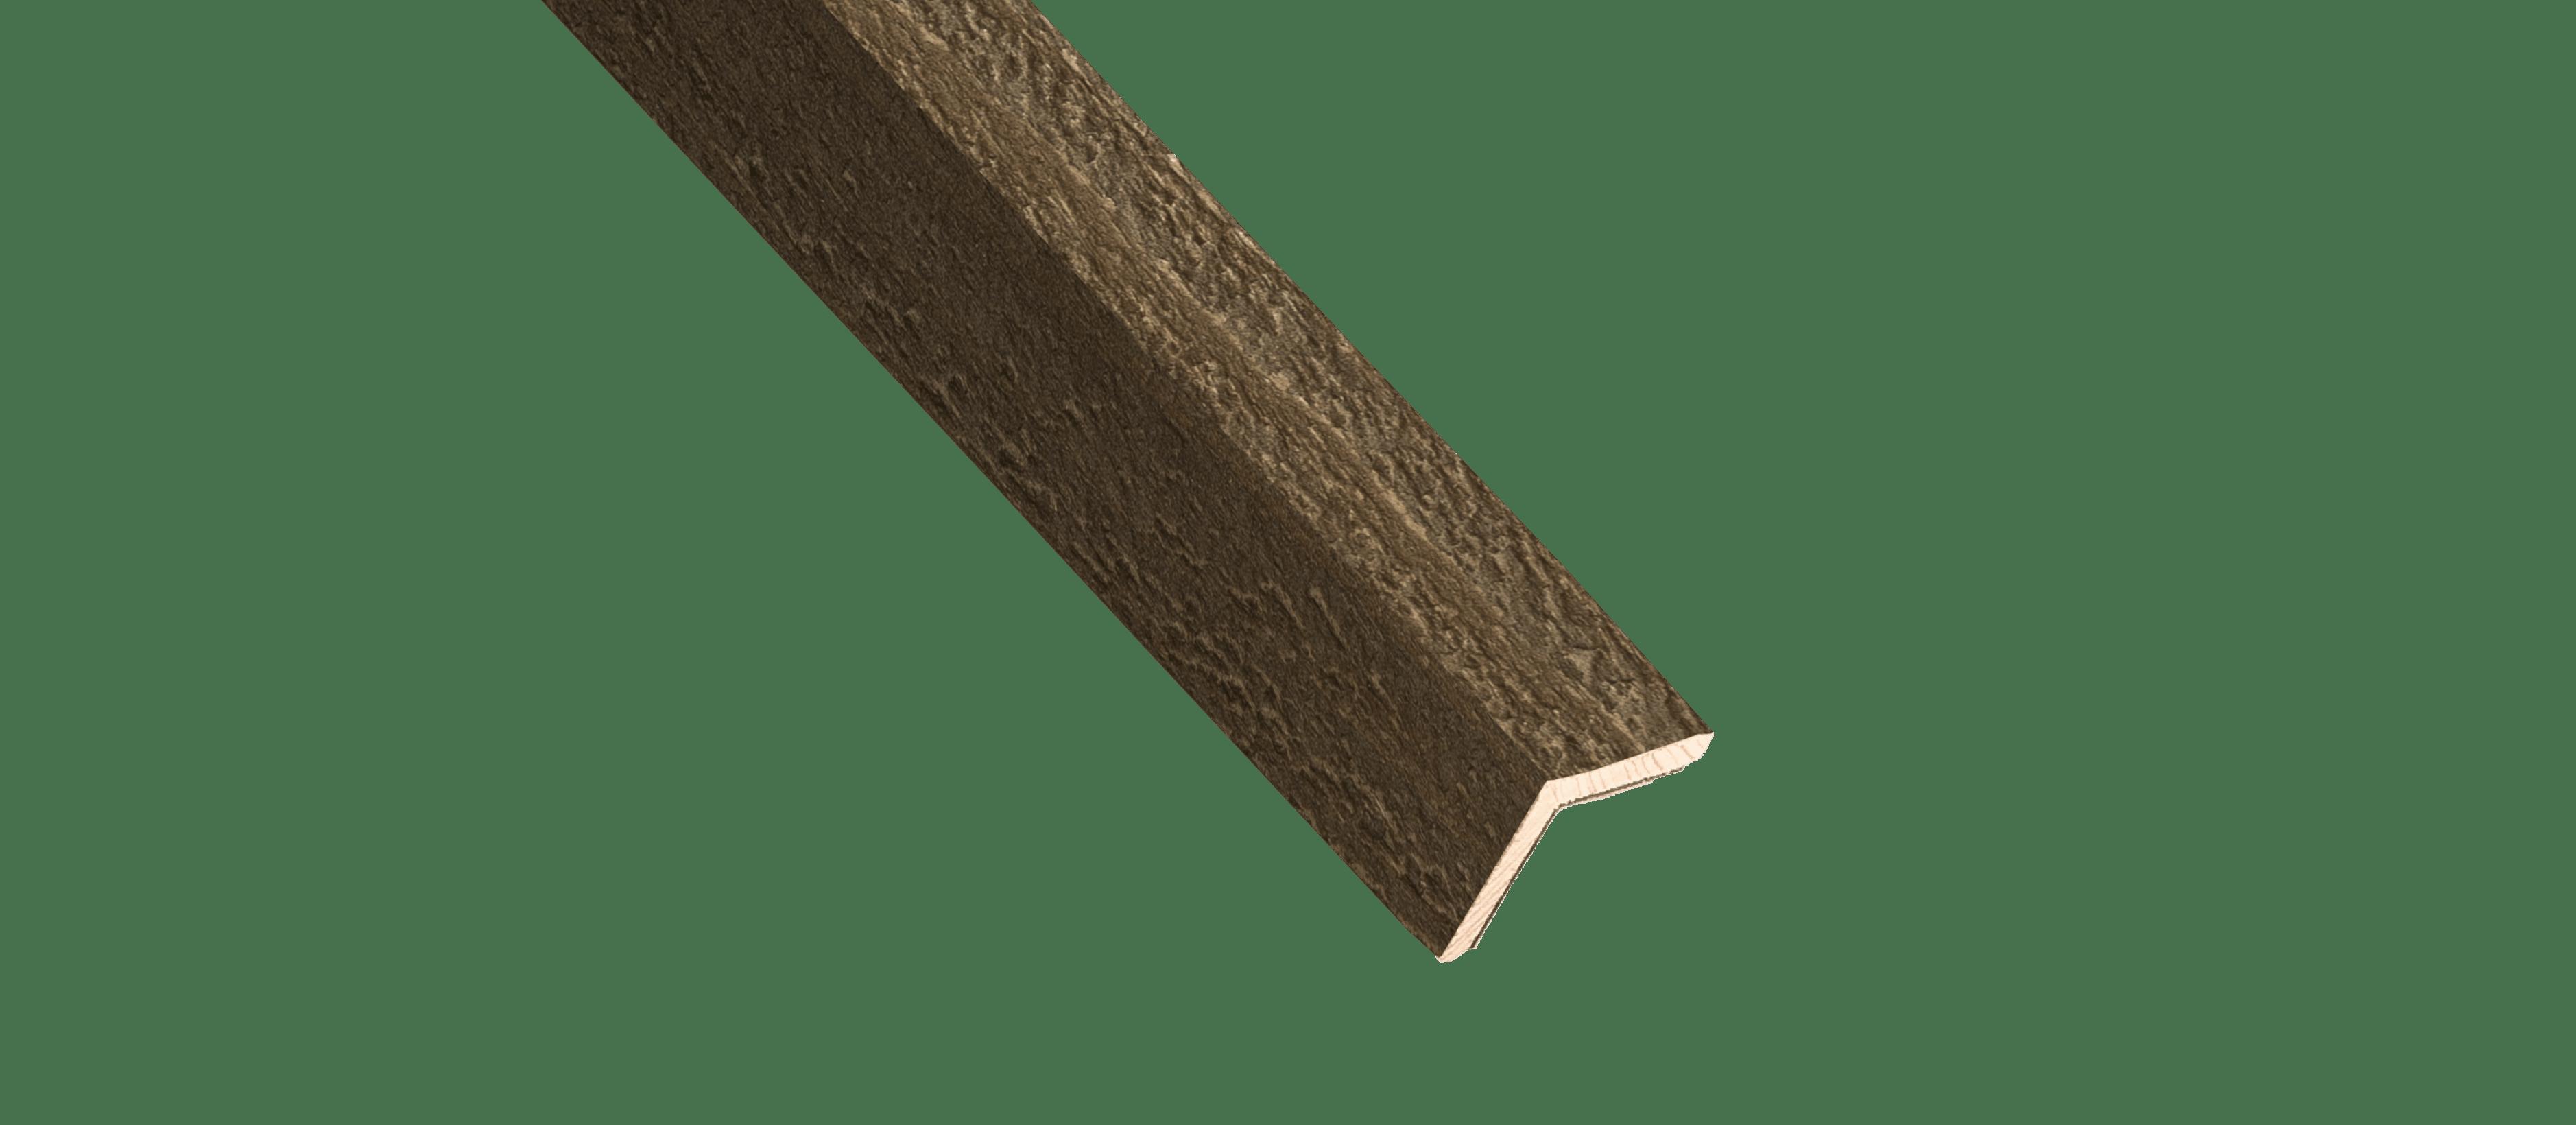 Hazelnut Wood Corner Trim Sample